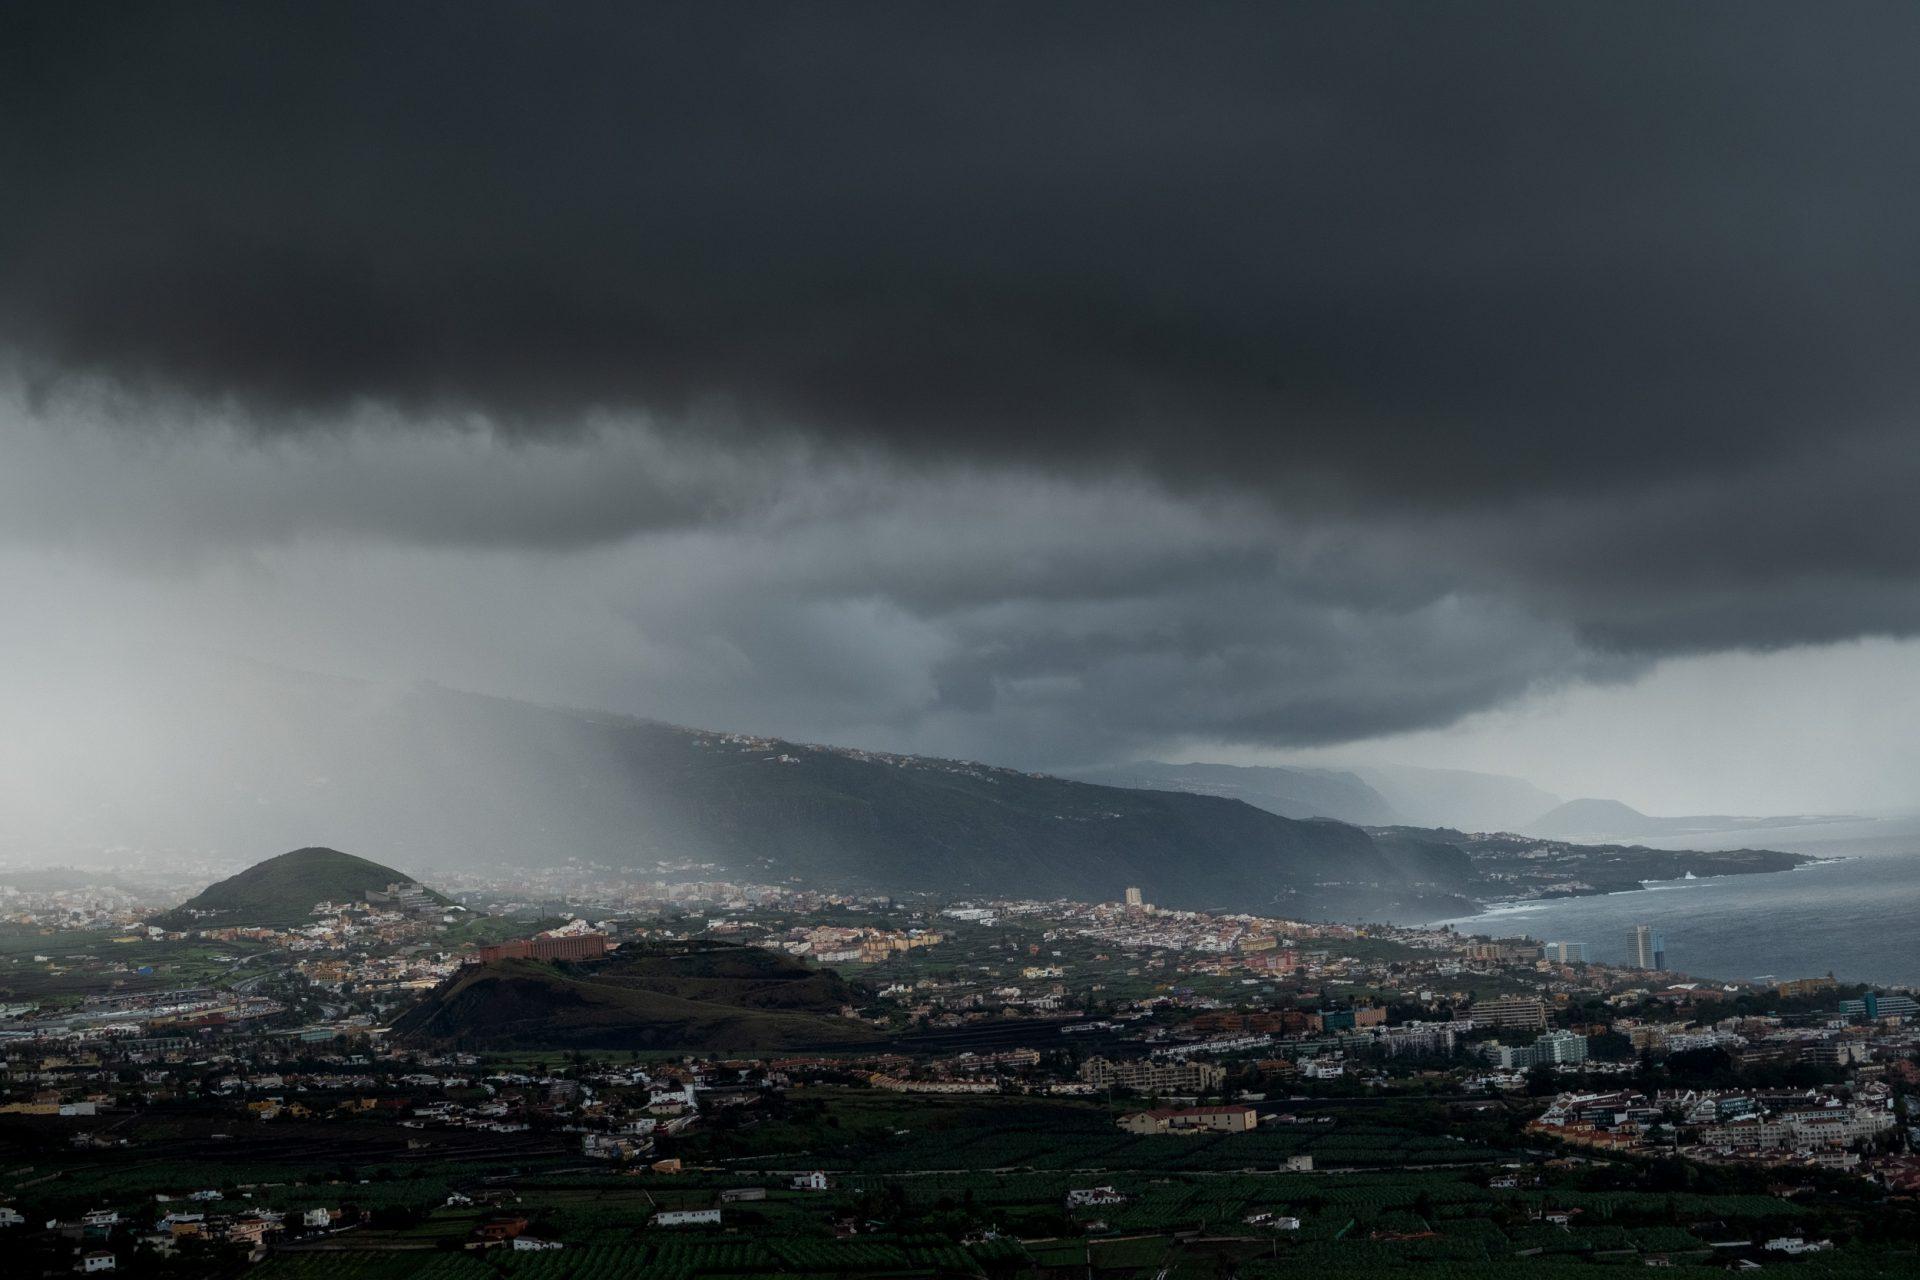 Las nubes amenazantes de la borrasca filomena sobre el cielo de el Puerto de la Cruz, una de las zonas más afectadas en las últimas horas por los efectos de la lluvia y el viento. FRAN PALLERO